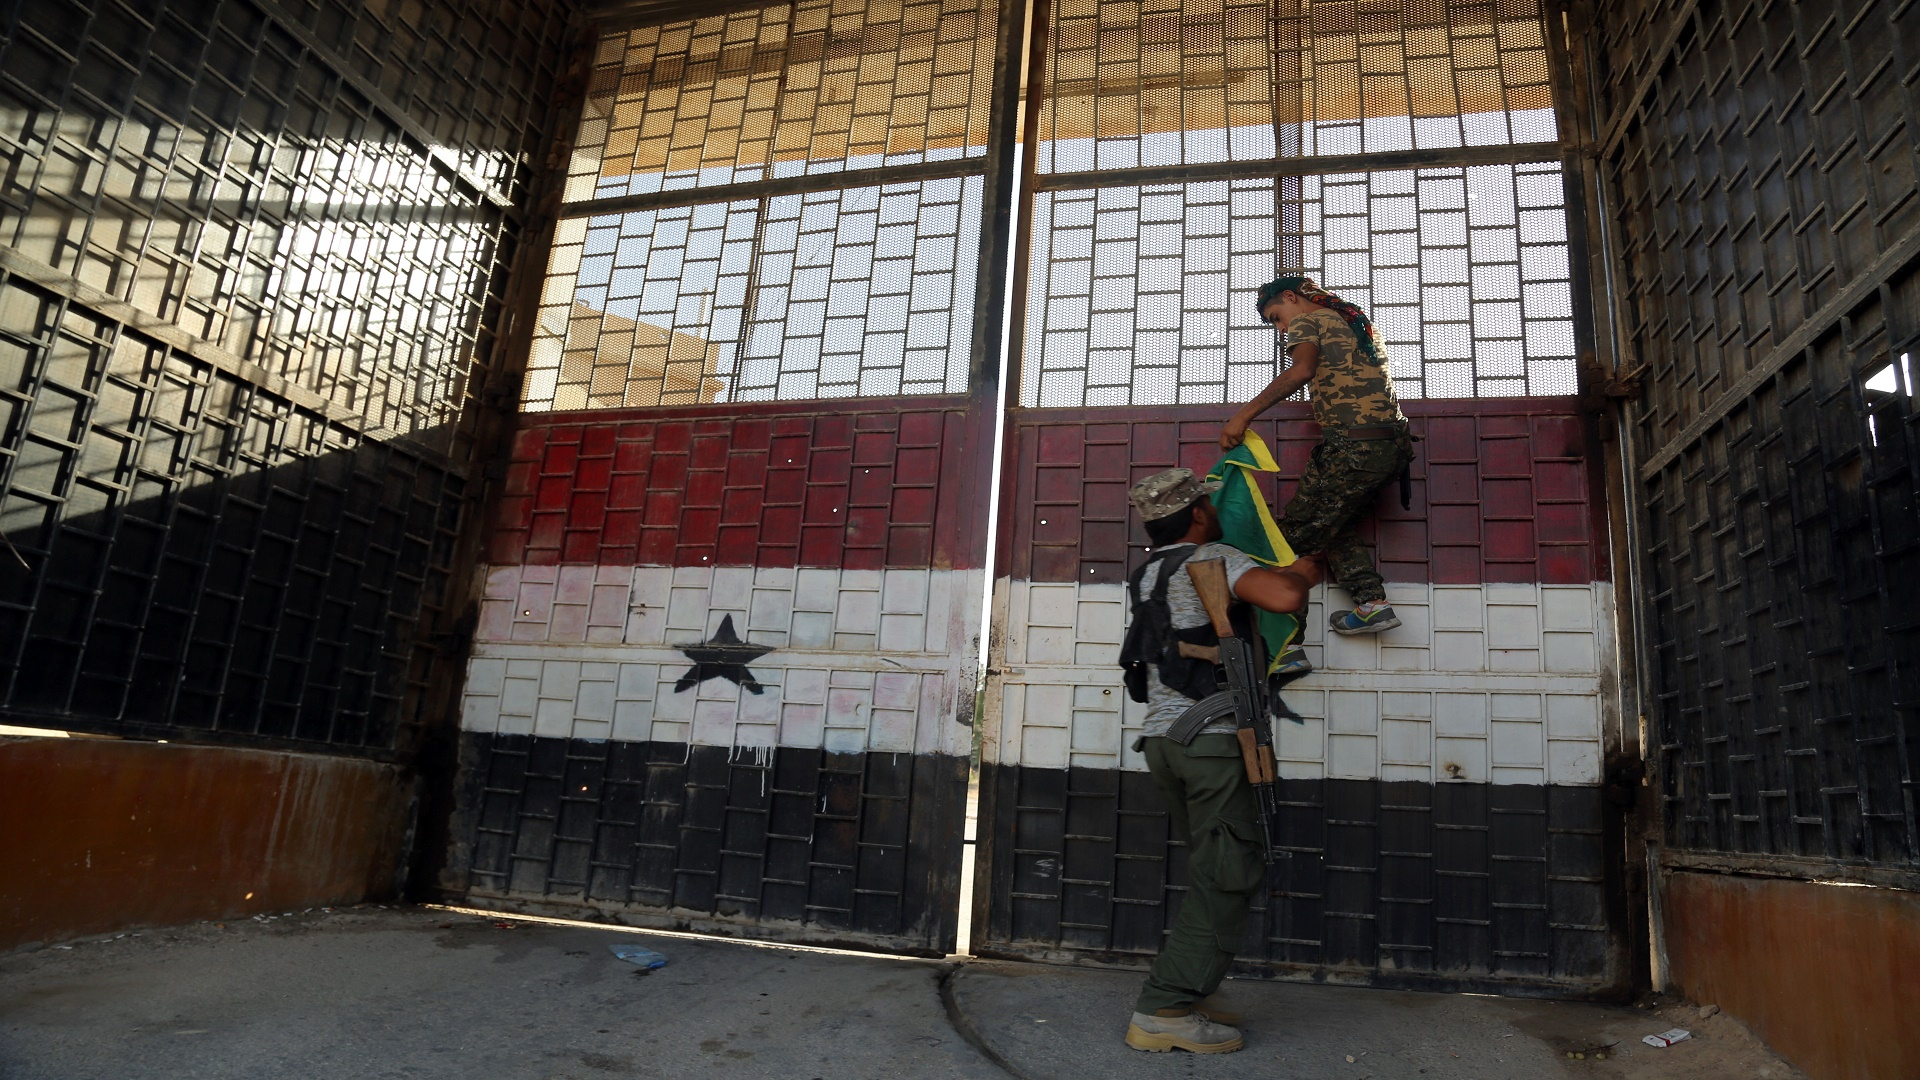 صورة خلال شهر..الأسد اعتقل 61 سيدة و22 طفل